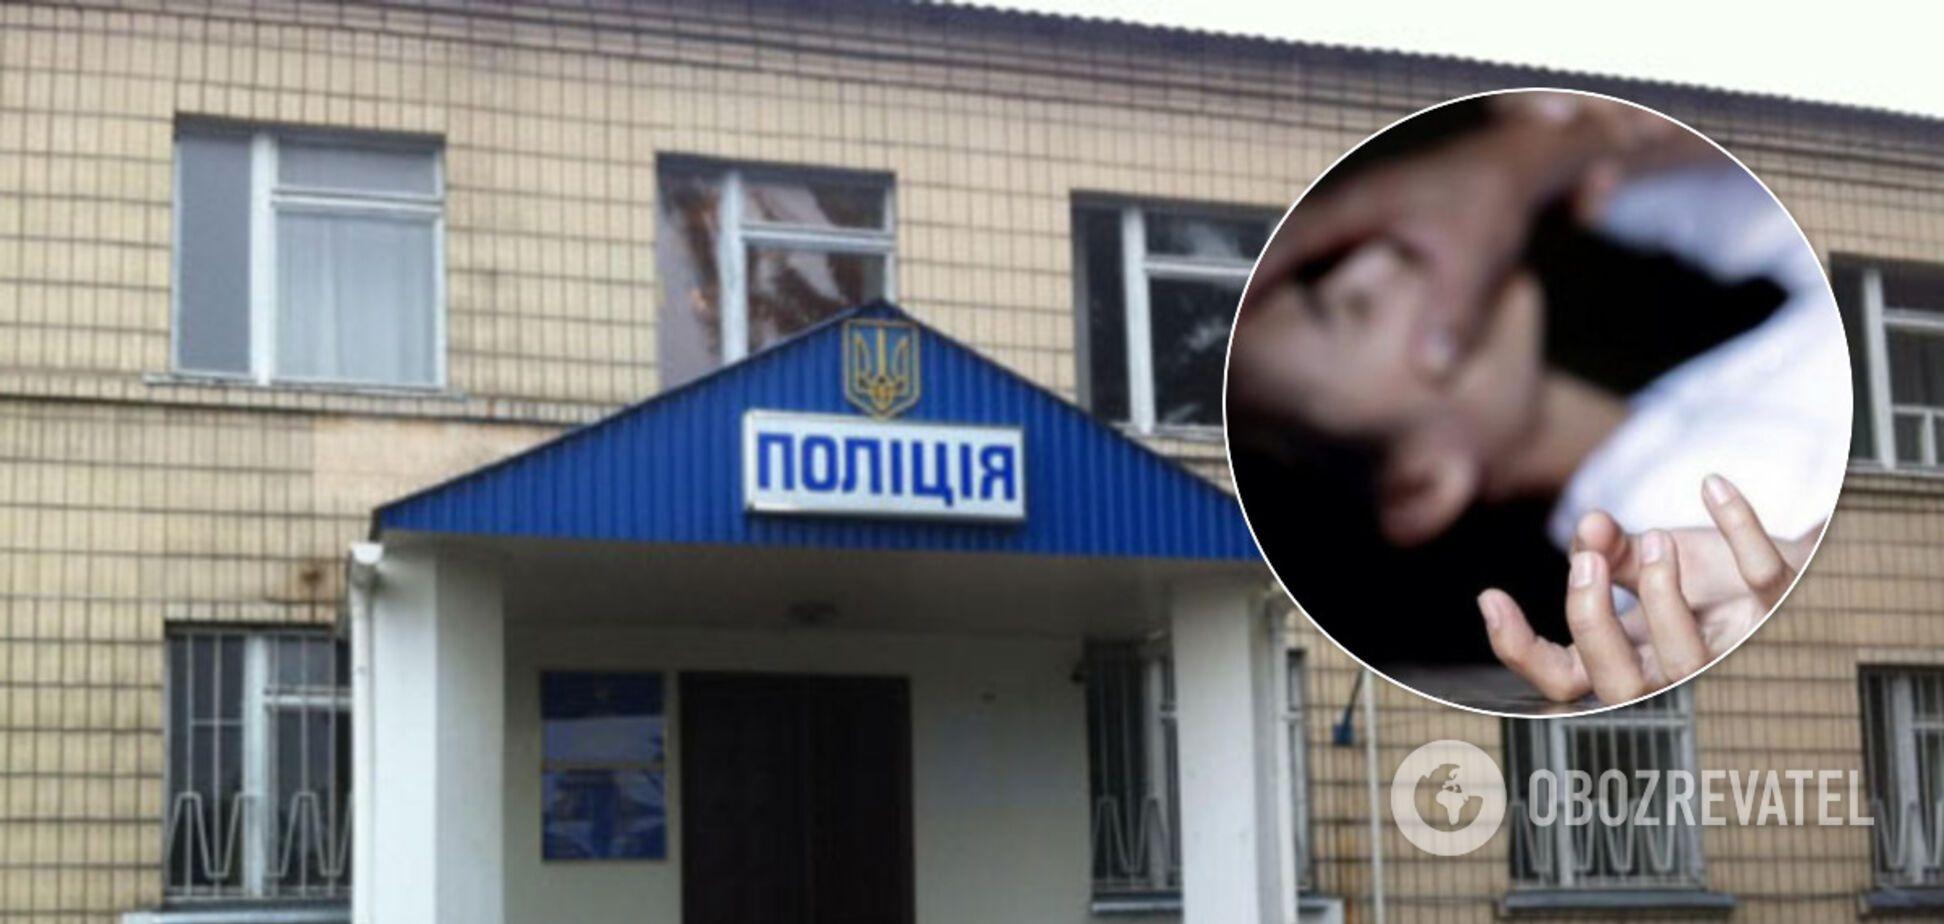 Зґвалтування в Кагарлику: дружина поліцейського розповіла про побачене у відділку